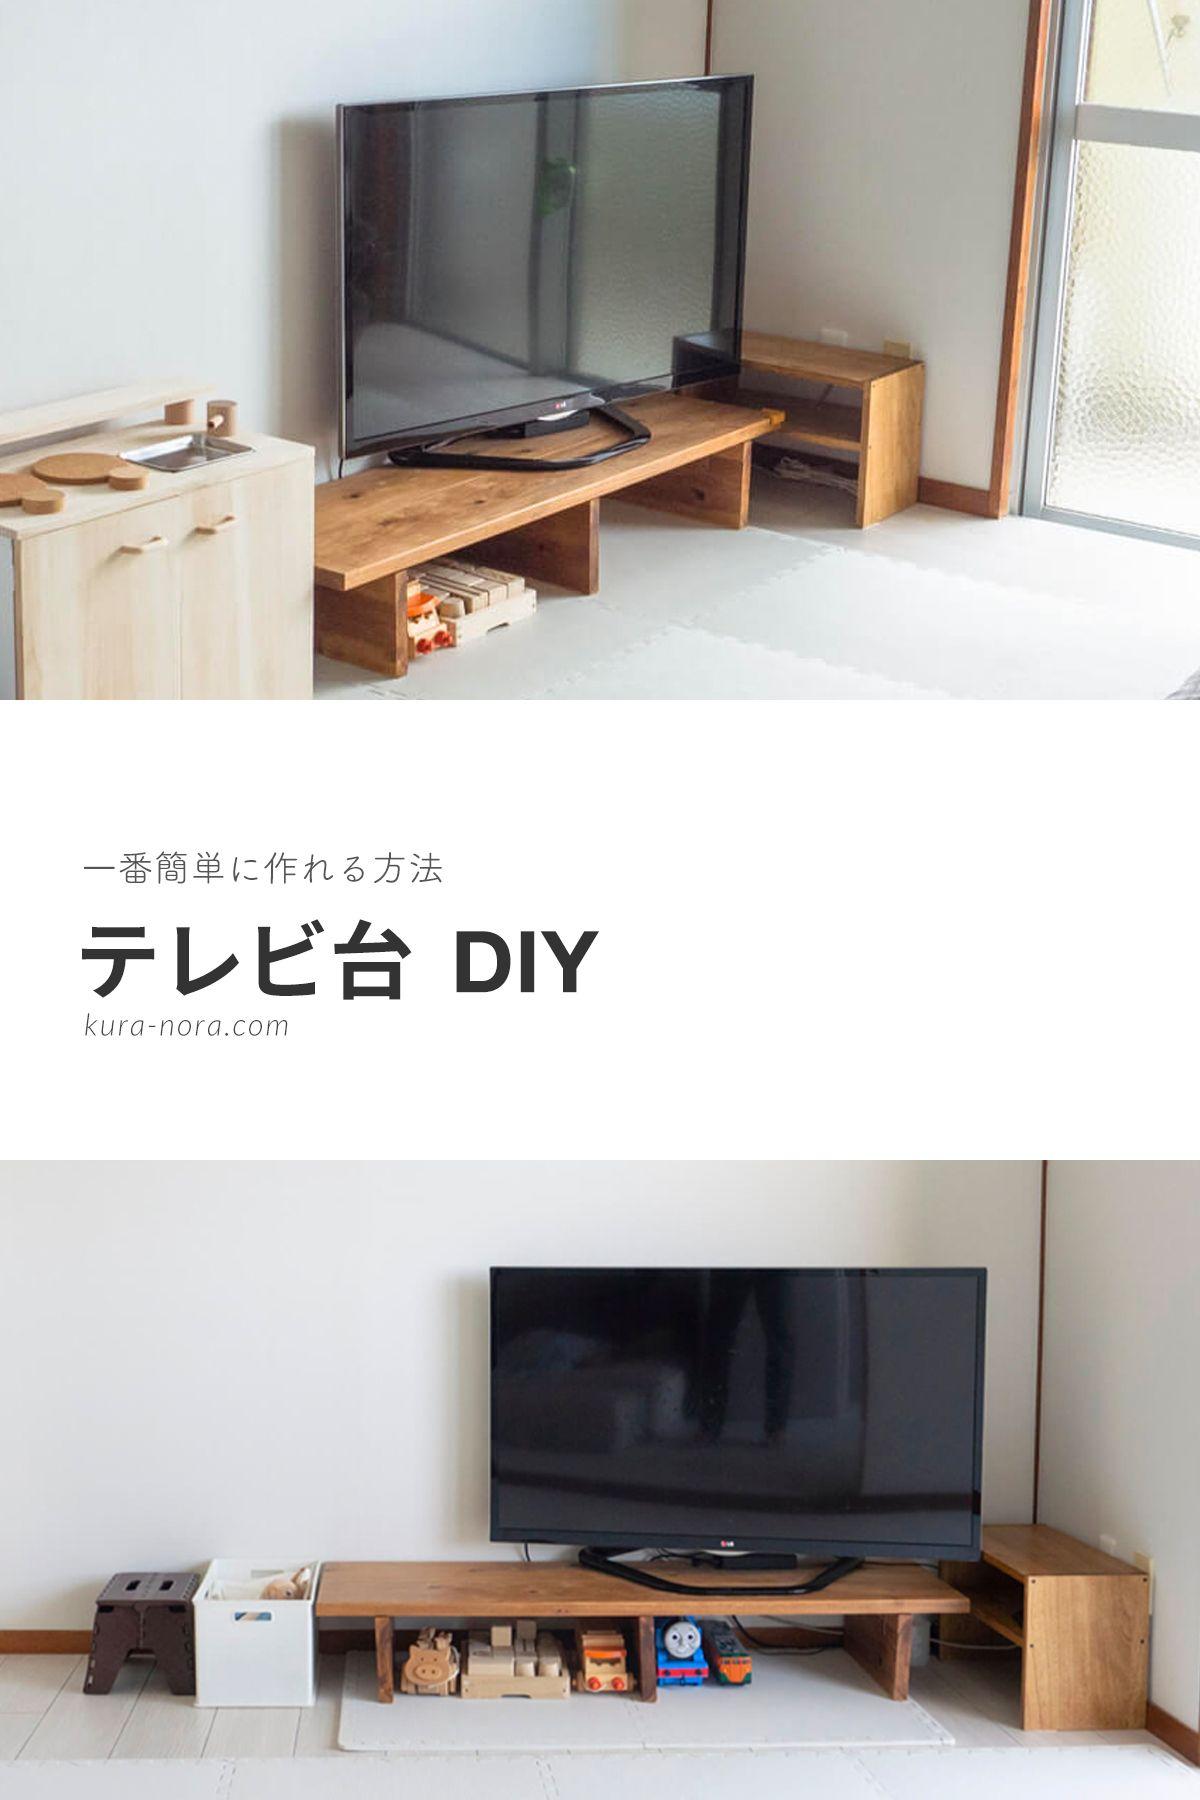 テレビ台 Diy 簡単に手作りする方法 Tv Stands Television Racks インテリア 収納 インテリア テレビ台 Diy 簡単